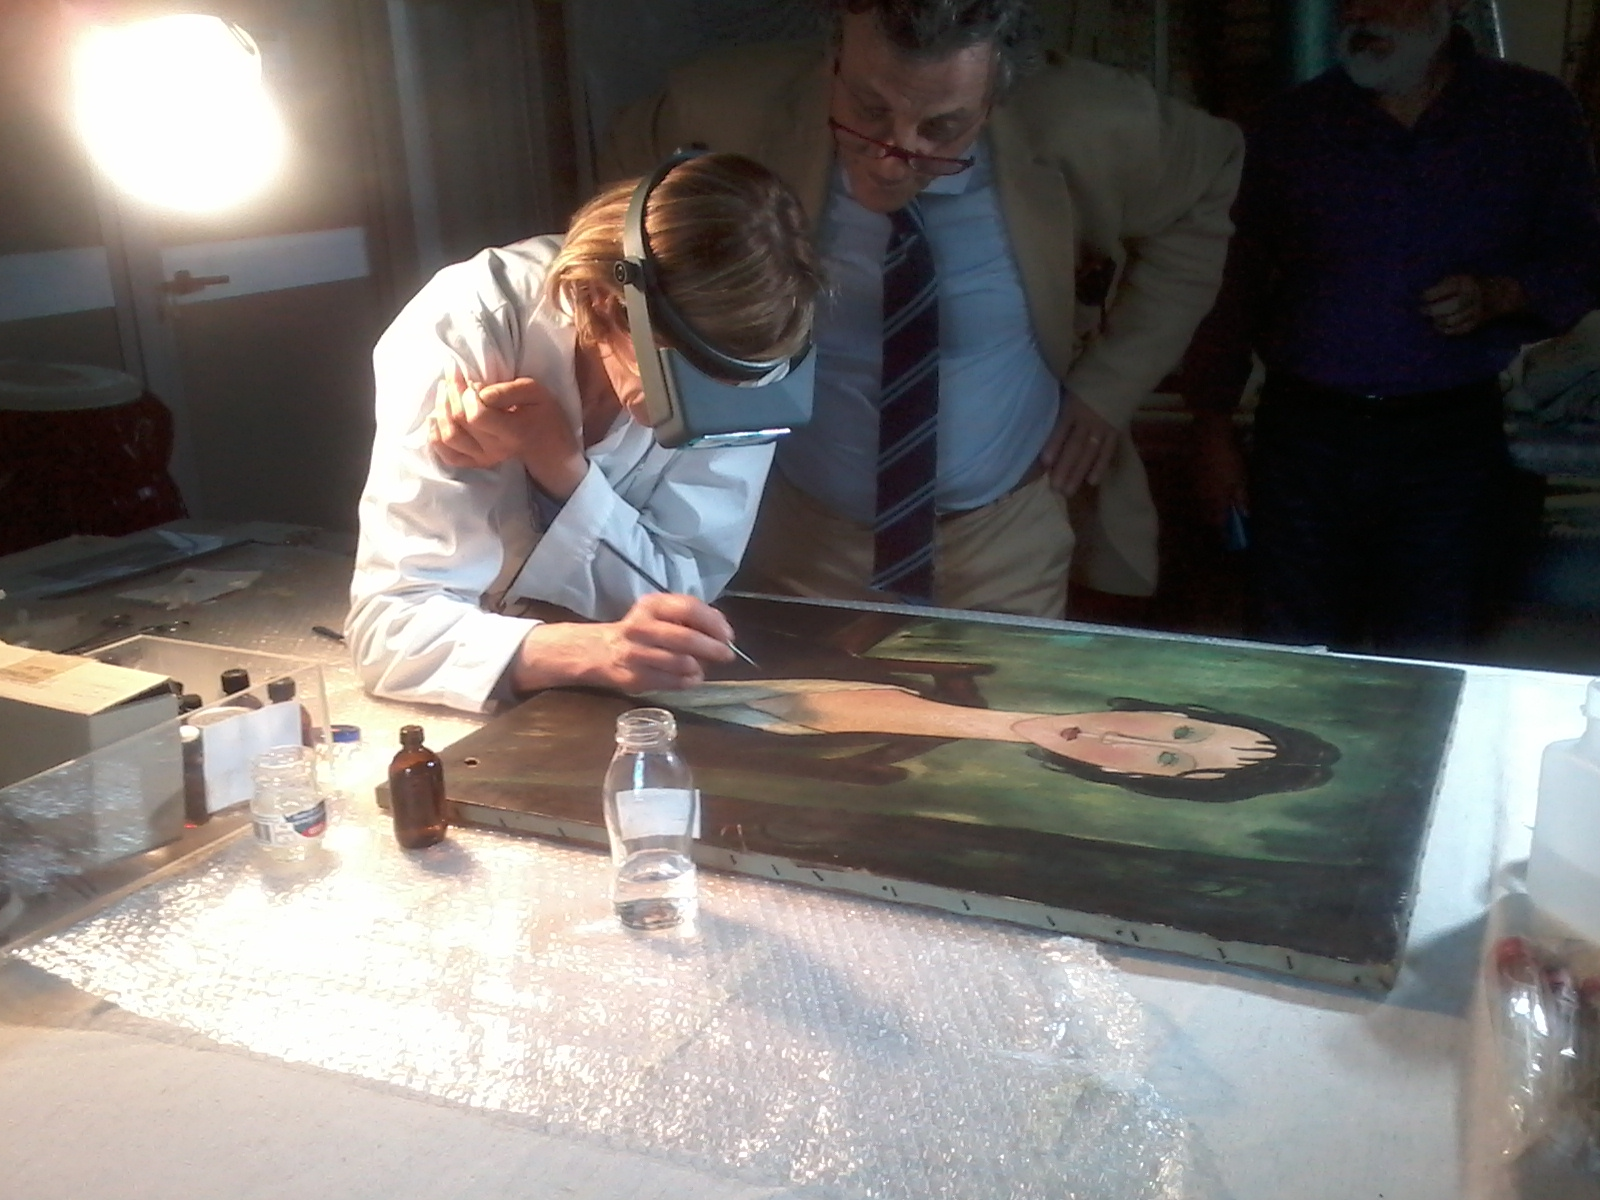 In mostra a Spoleto il Modigliani trovato a Roma nella spazzatura